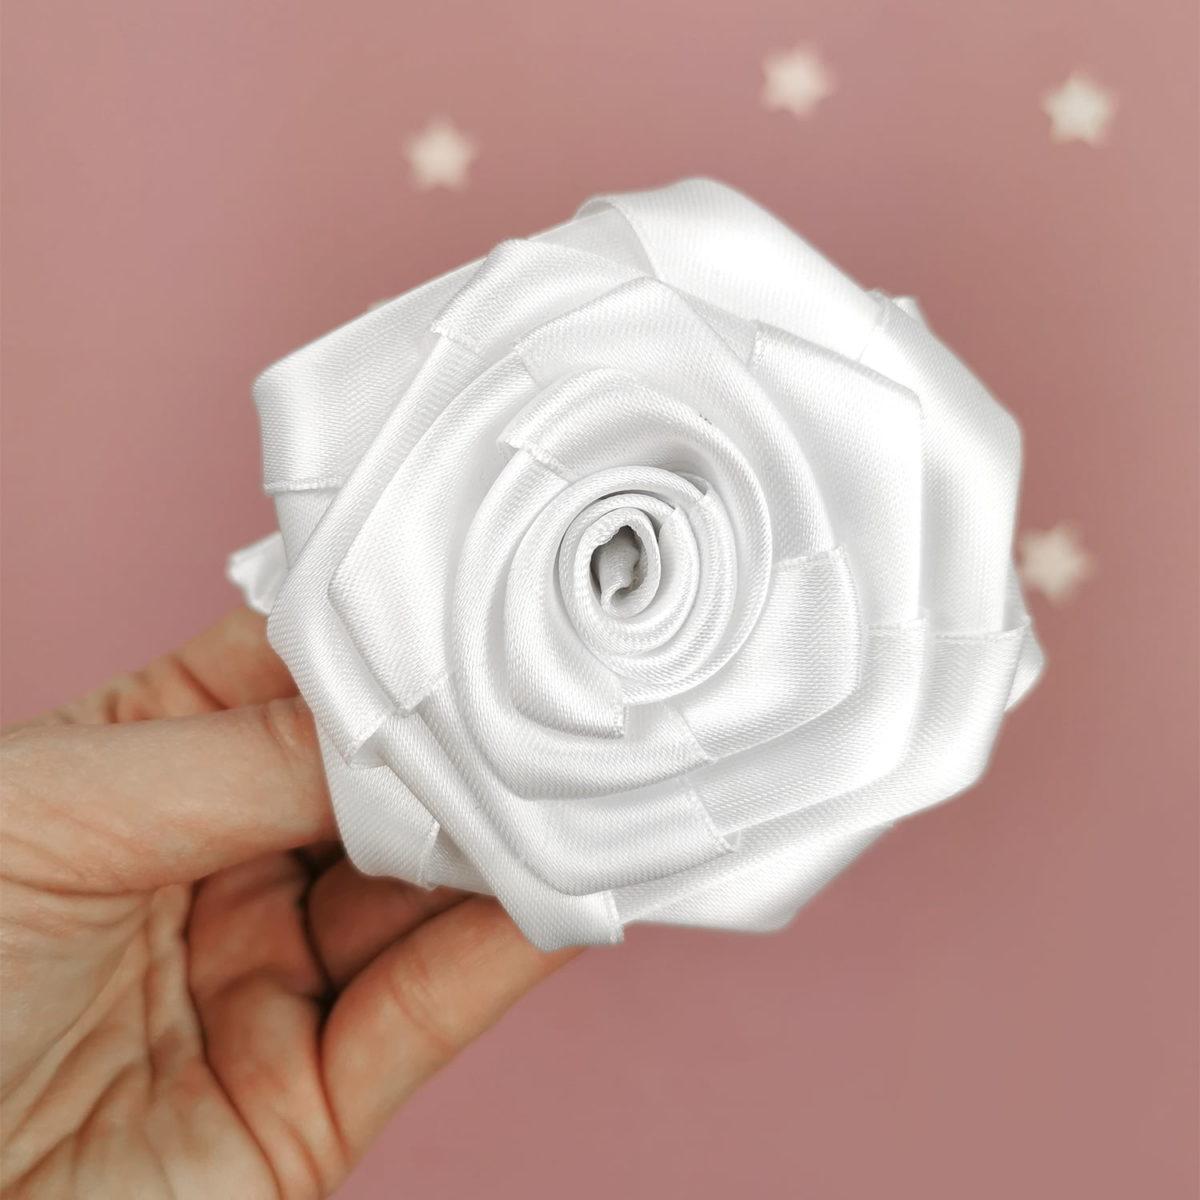 ručno rađen cvijet kala